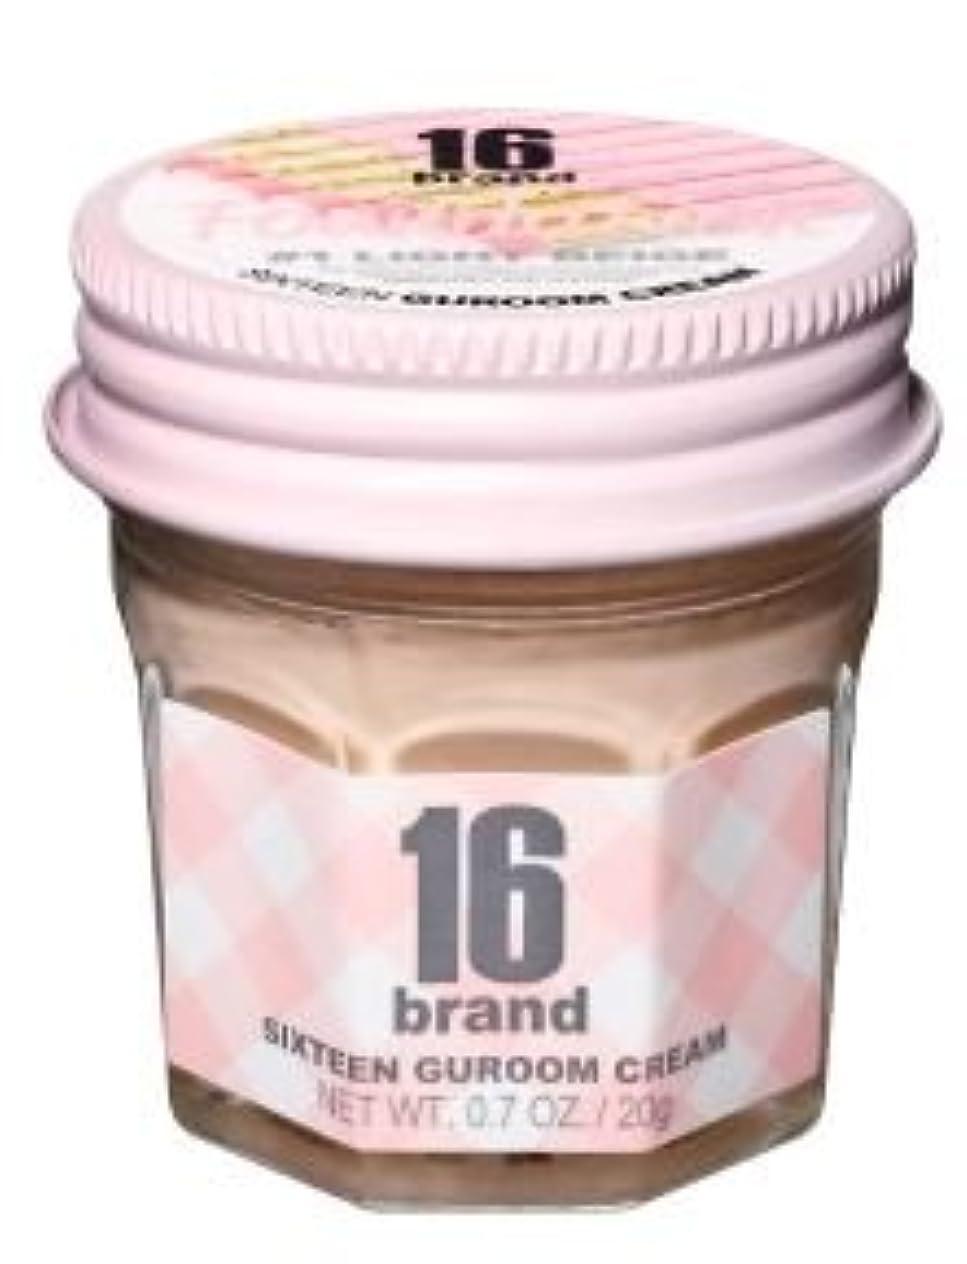 卵脊椎ちっちゃい16brand Sixteen Guroom Cream Foundation 20g/16ブランド シックスティーン クルム クリーム ファンデーション 20g (#1 Light Beige) [並行輸入品]